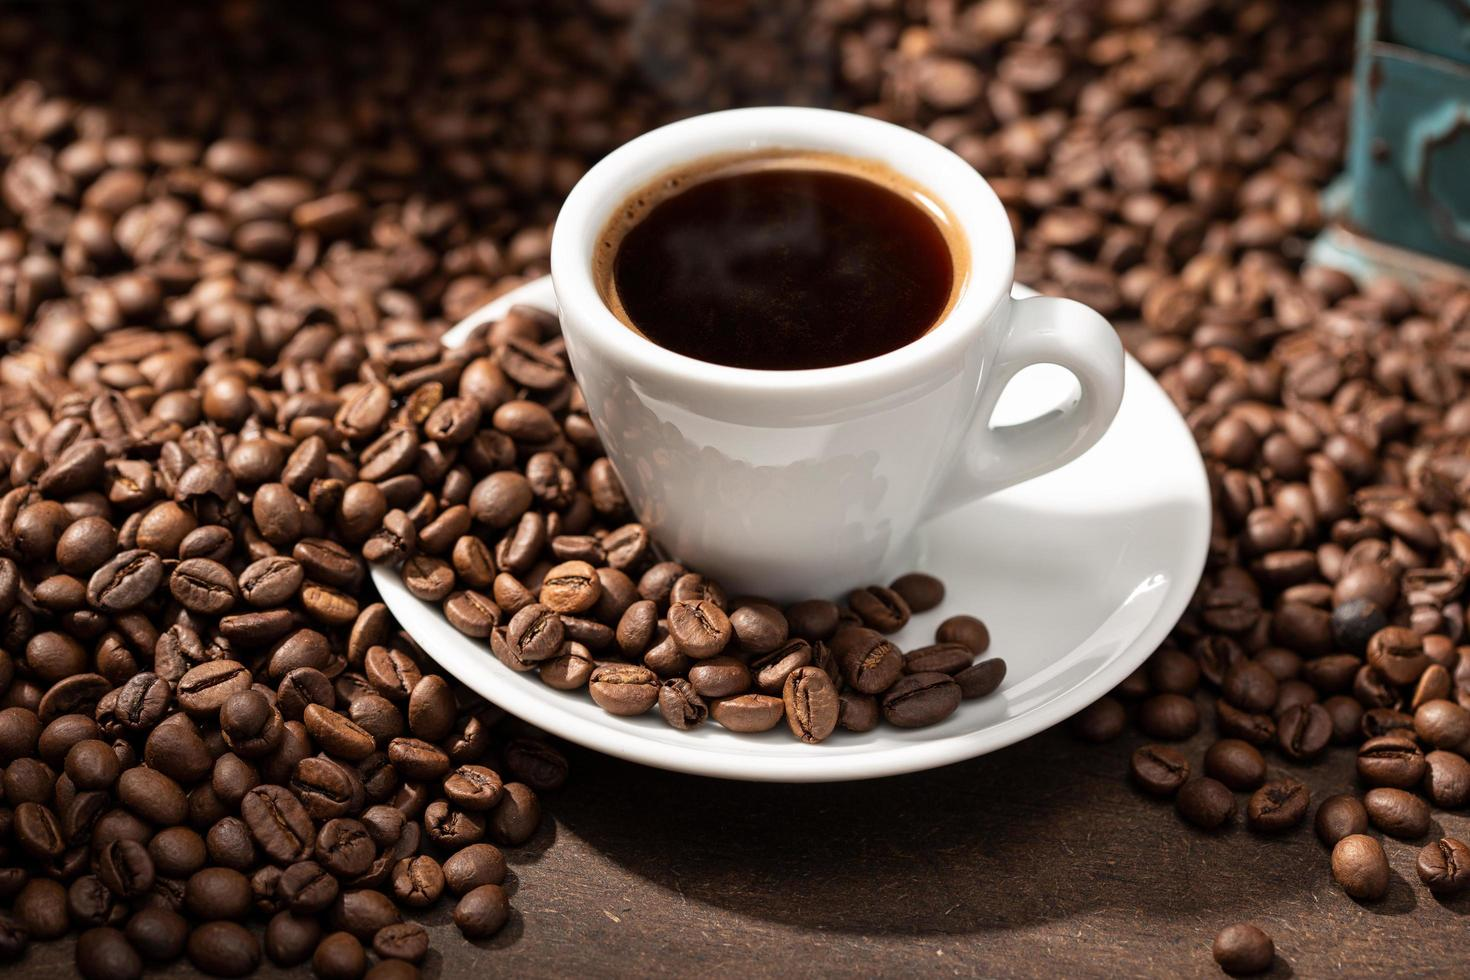 1264025-expresso-xicara-cafe-e-graos-torrados-grátis-foto